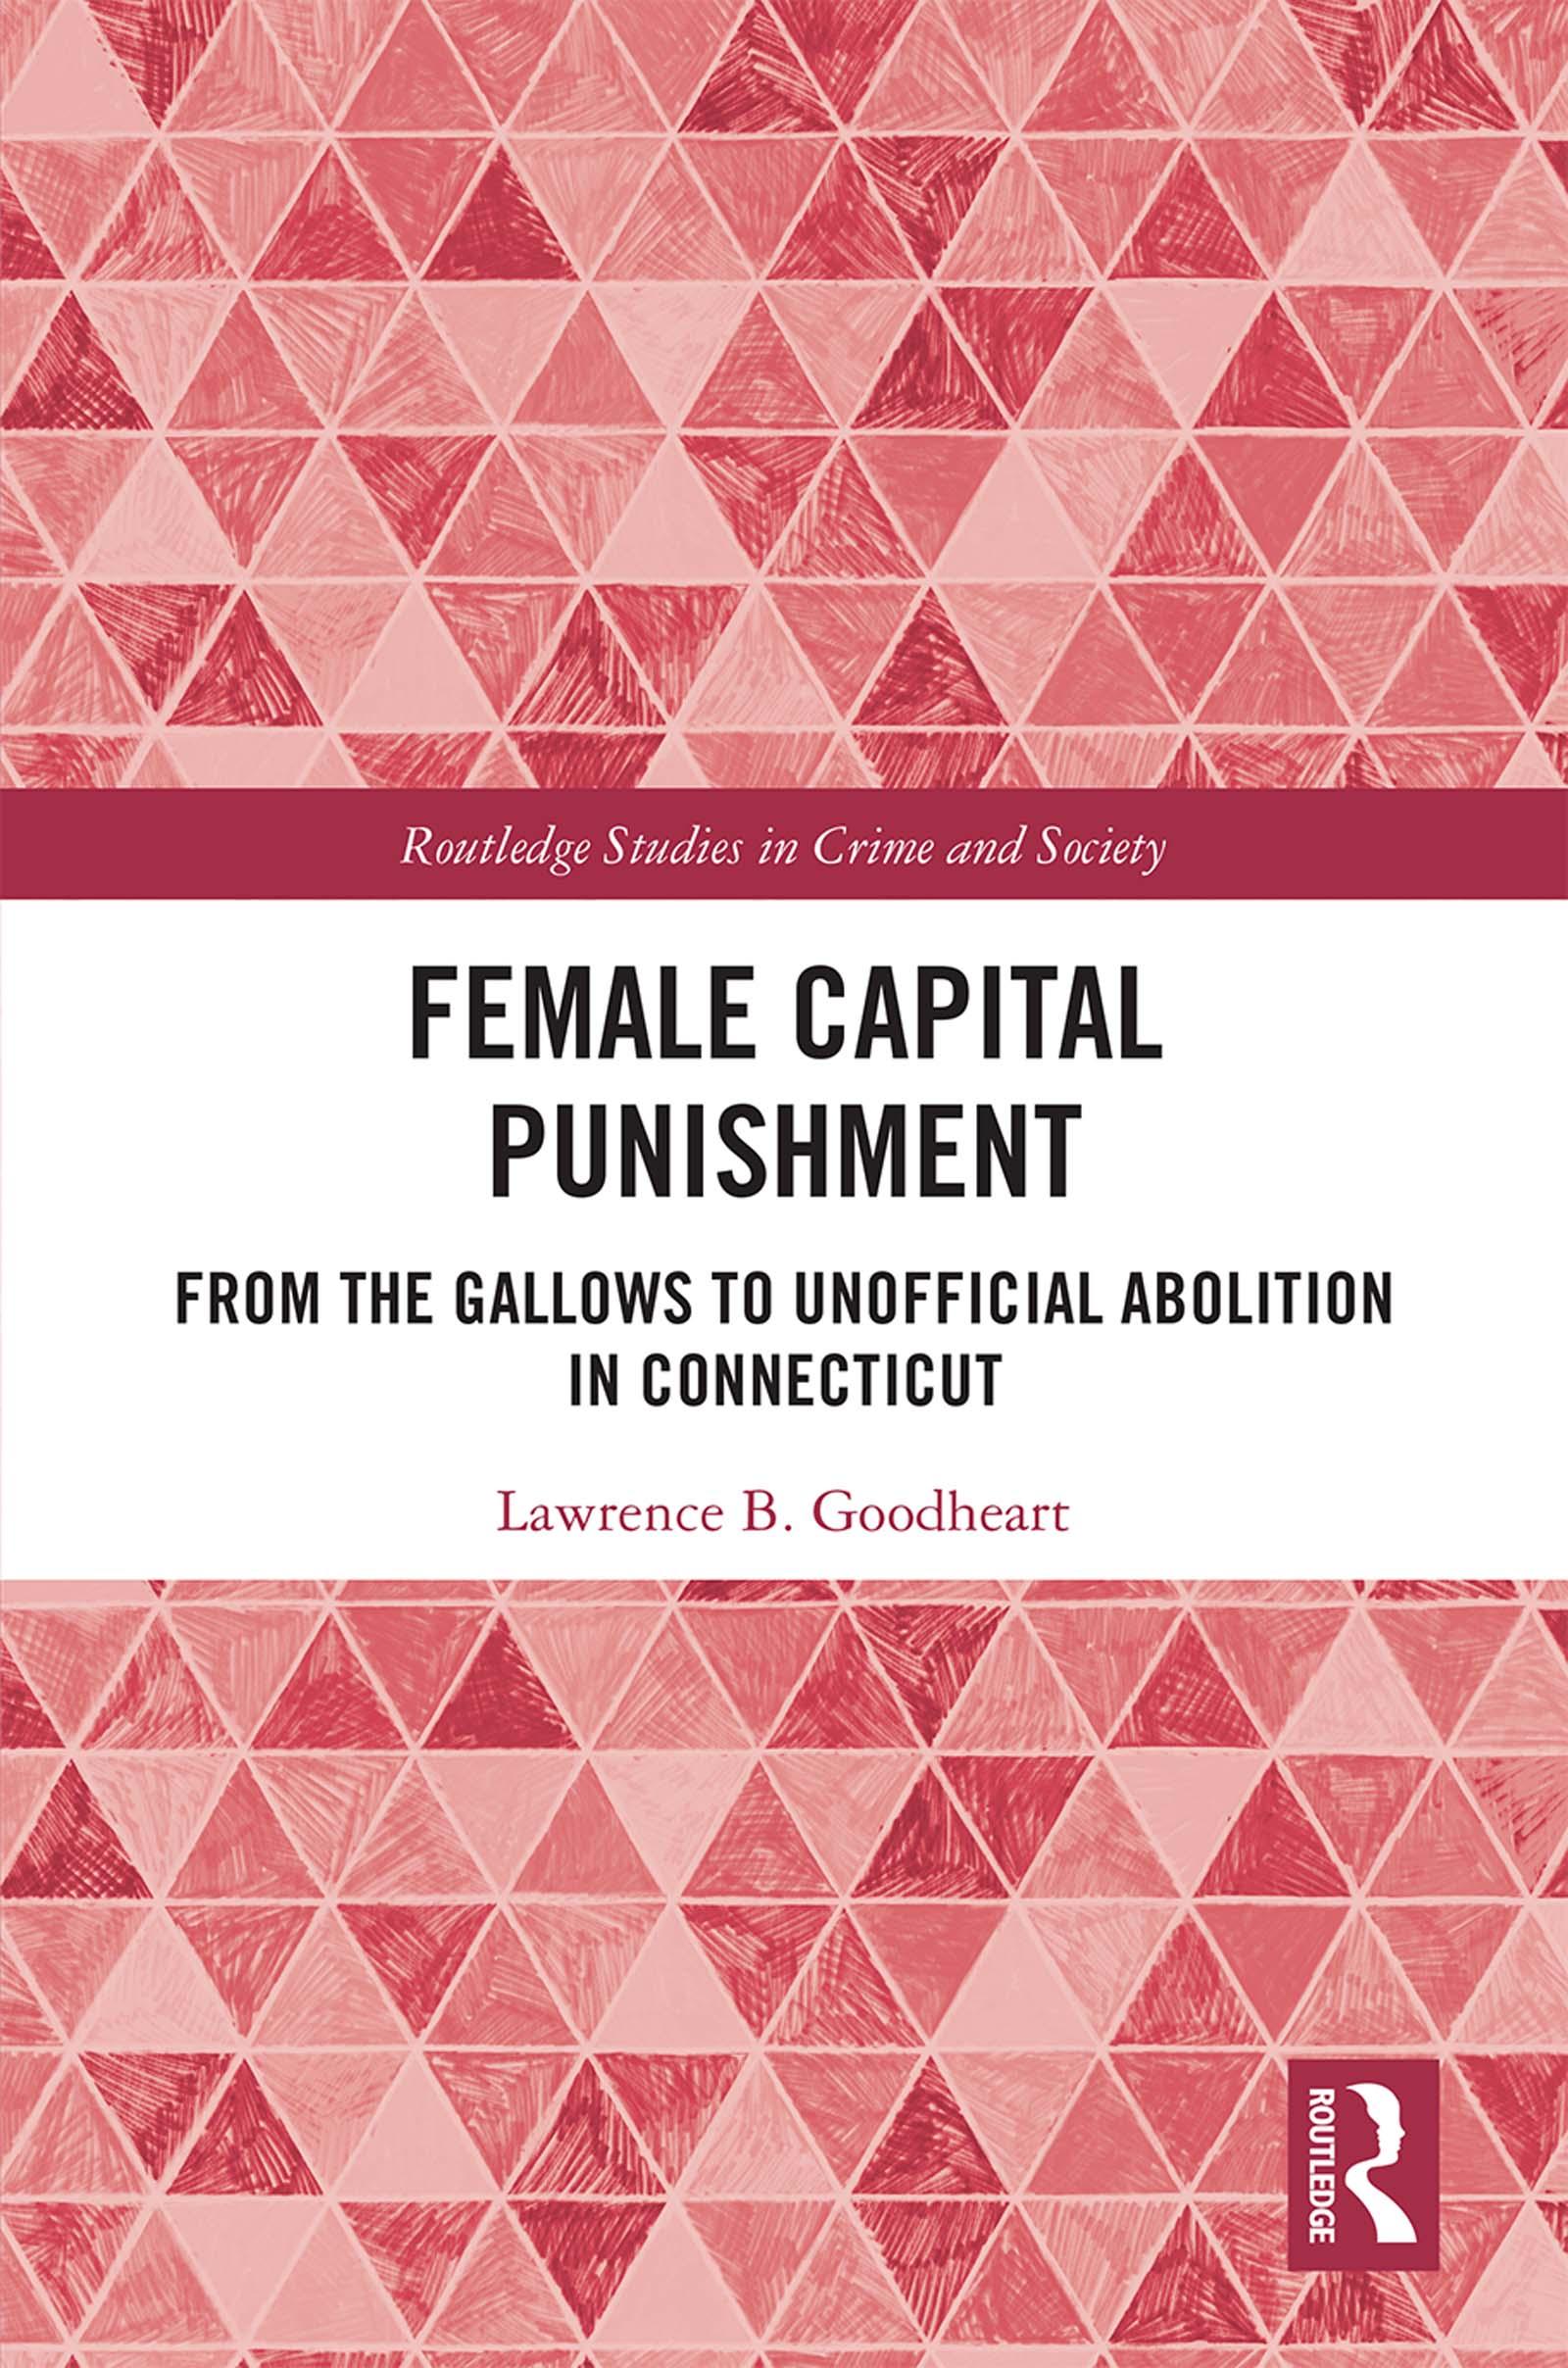 Female Capital Punishment